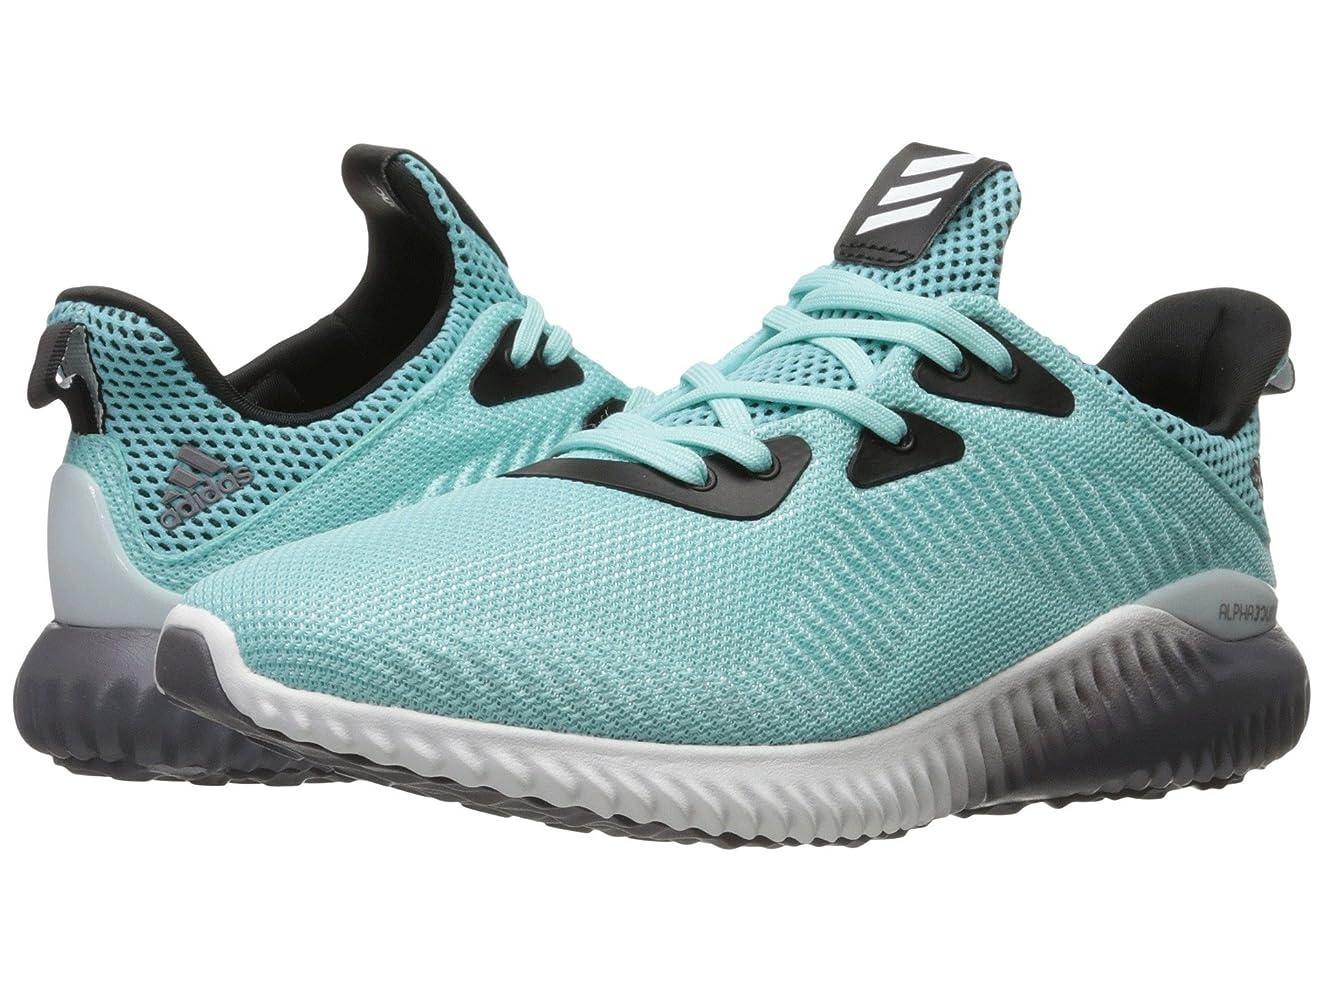 引退する維持する医薬品(アディダス) adidas レディースランニングシューズ?スニーカー?靴 Alphabounce Clear Aqua/Footwear White/Trace Grey 7 (24cm) B - Medium